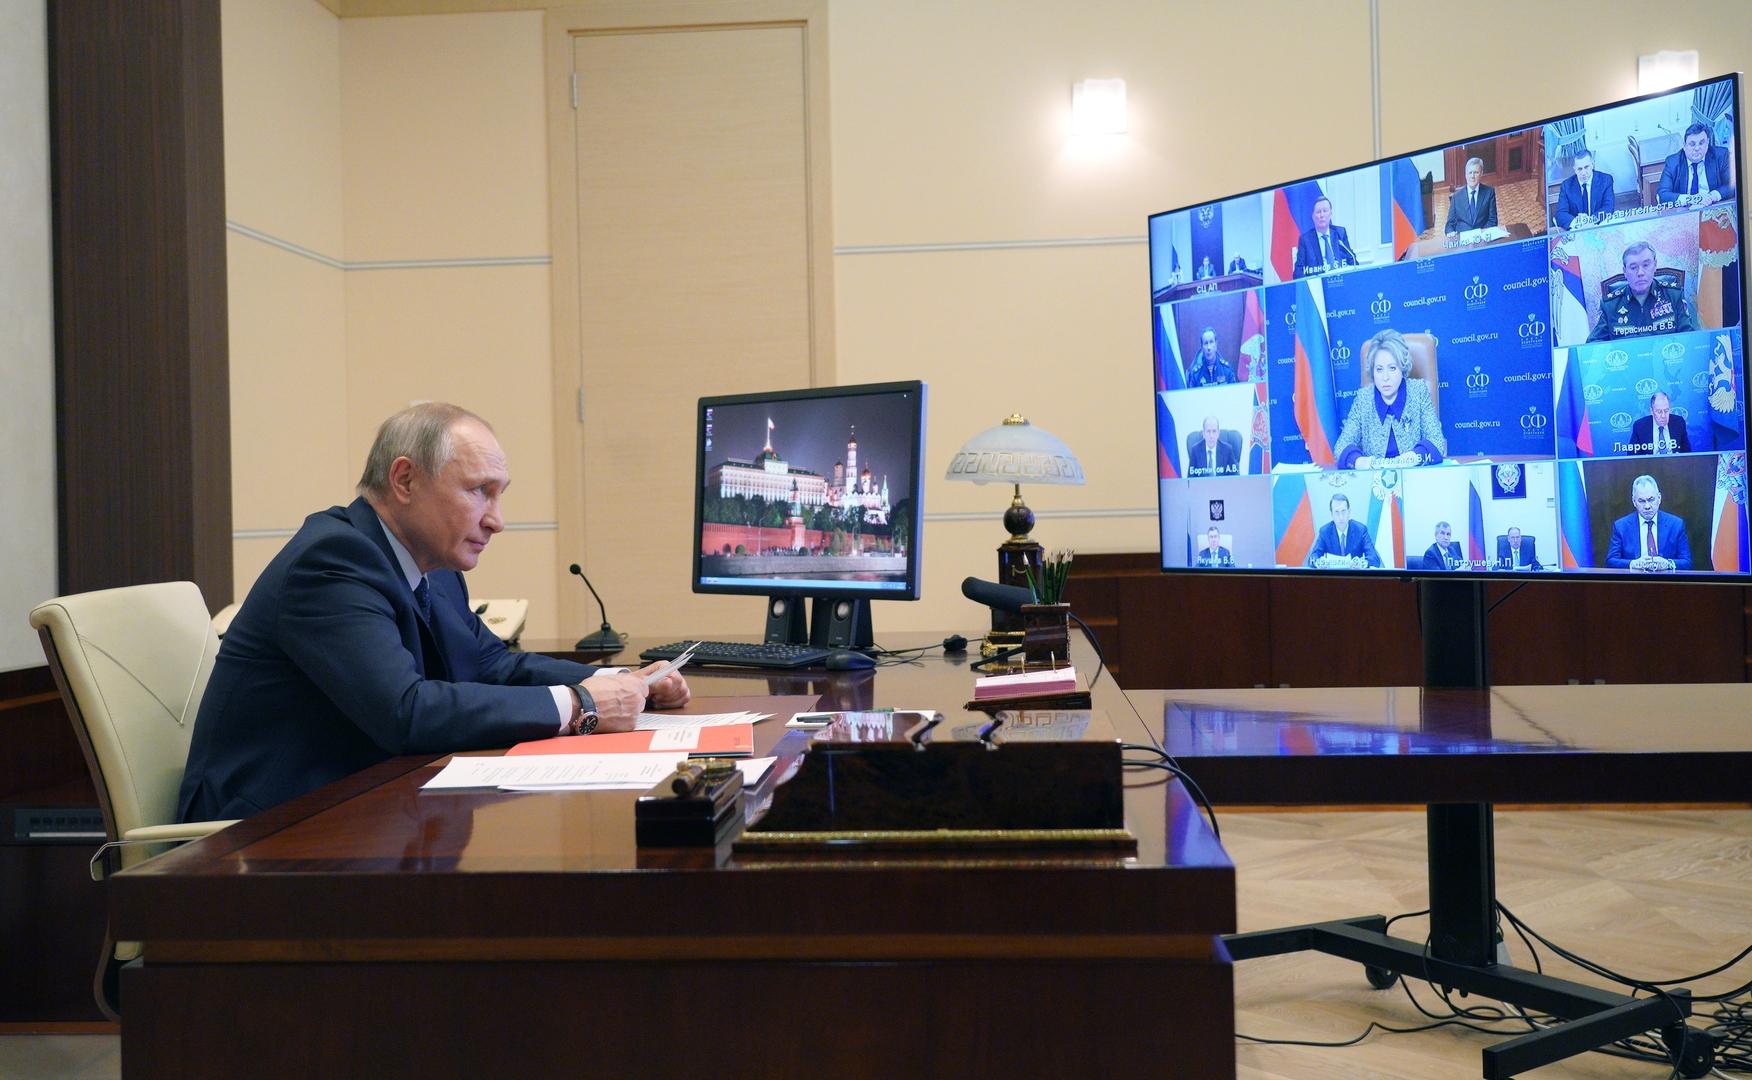 بوتين: الحلول التكنولوجية الجديدة تخلق مخاطر جديدة للعالم